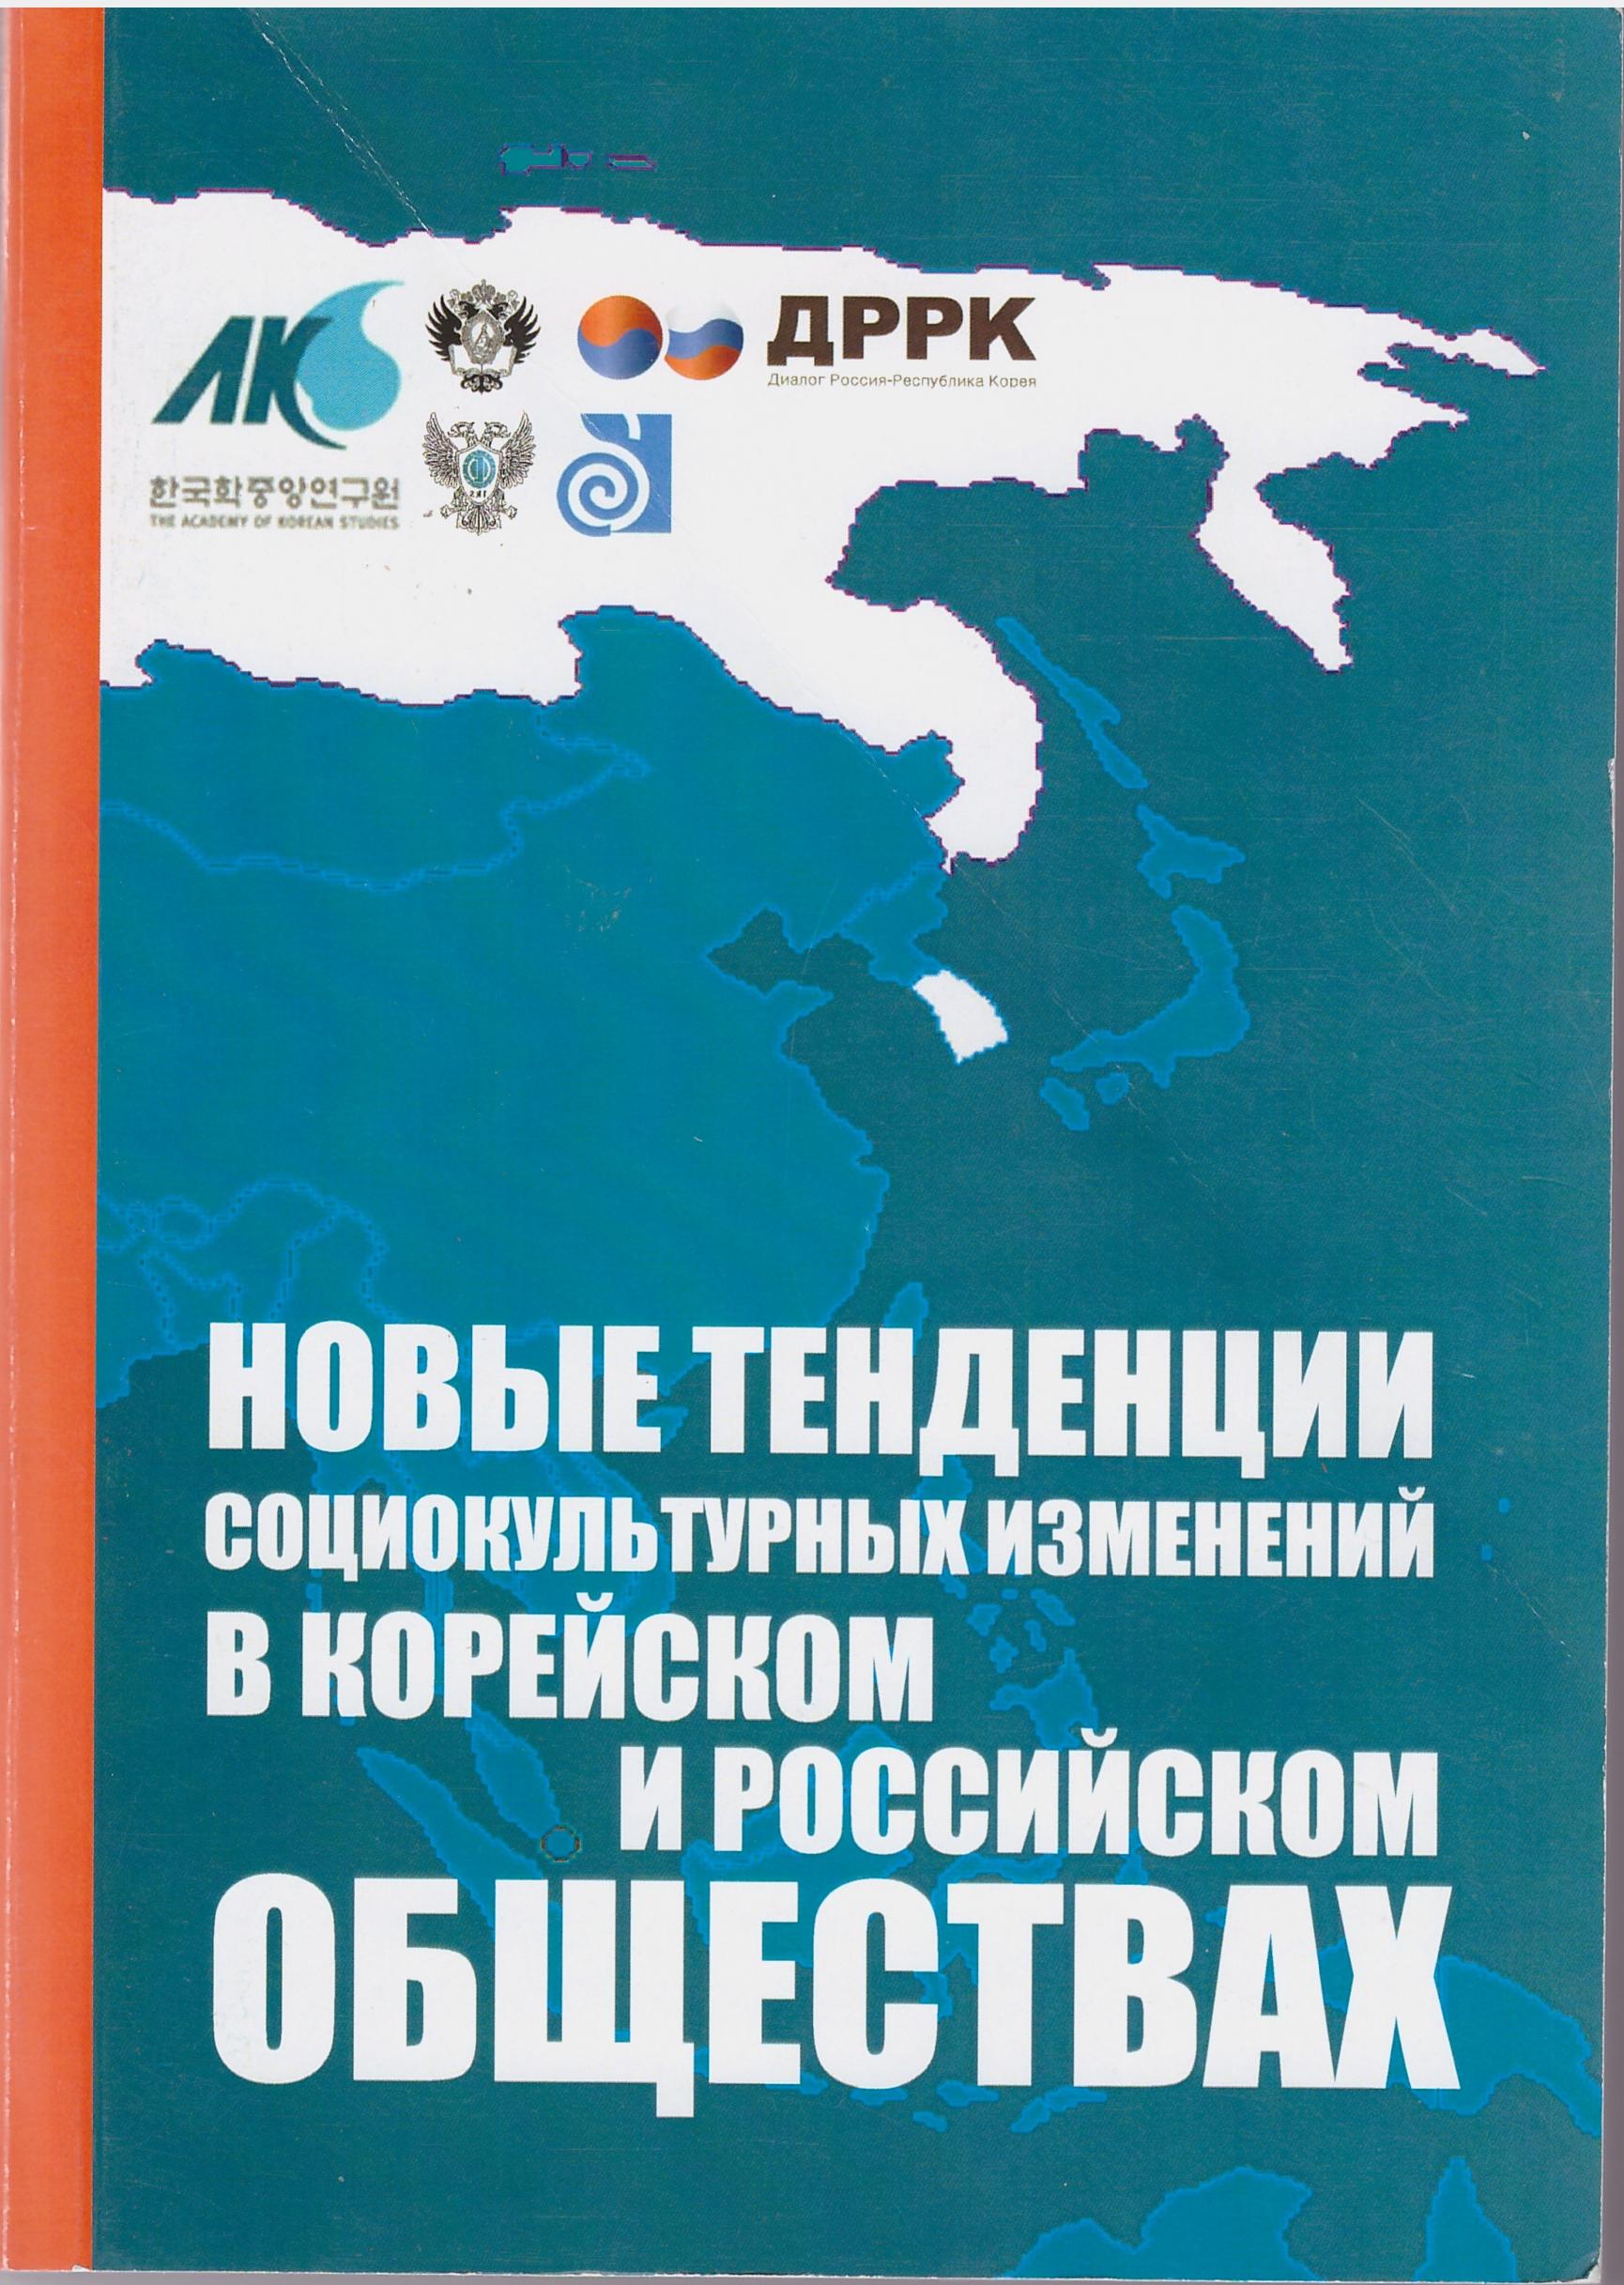 Этапы трансформации национальной идентичности русскоязычной корейской общности в Союзе ССР и России (1926-2010)